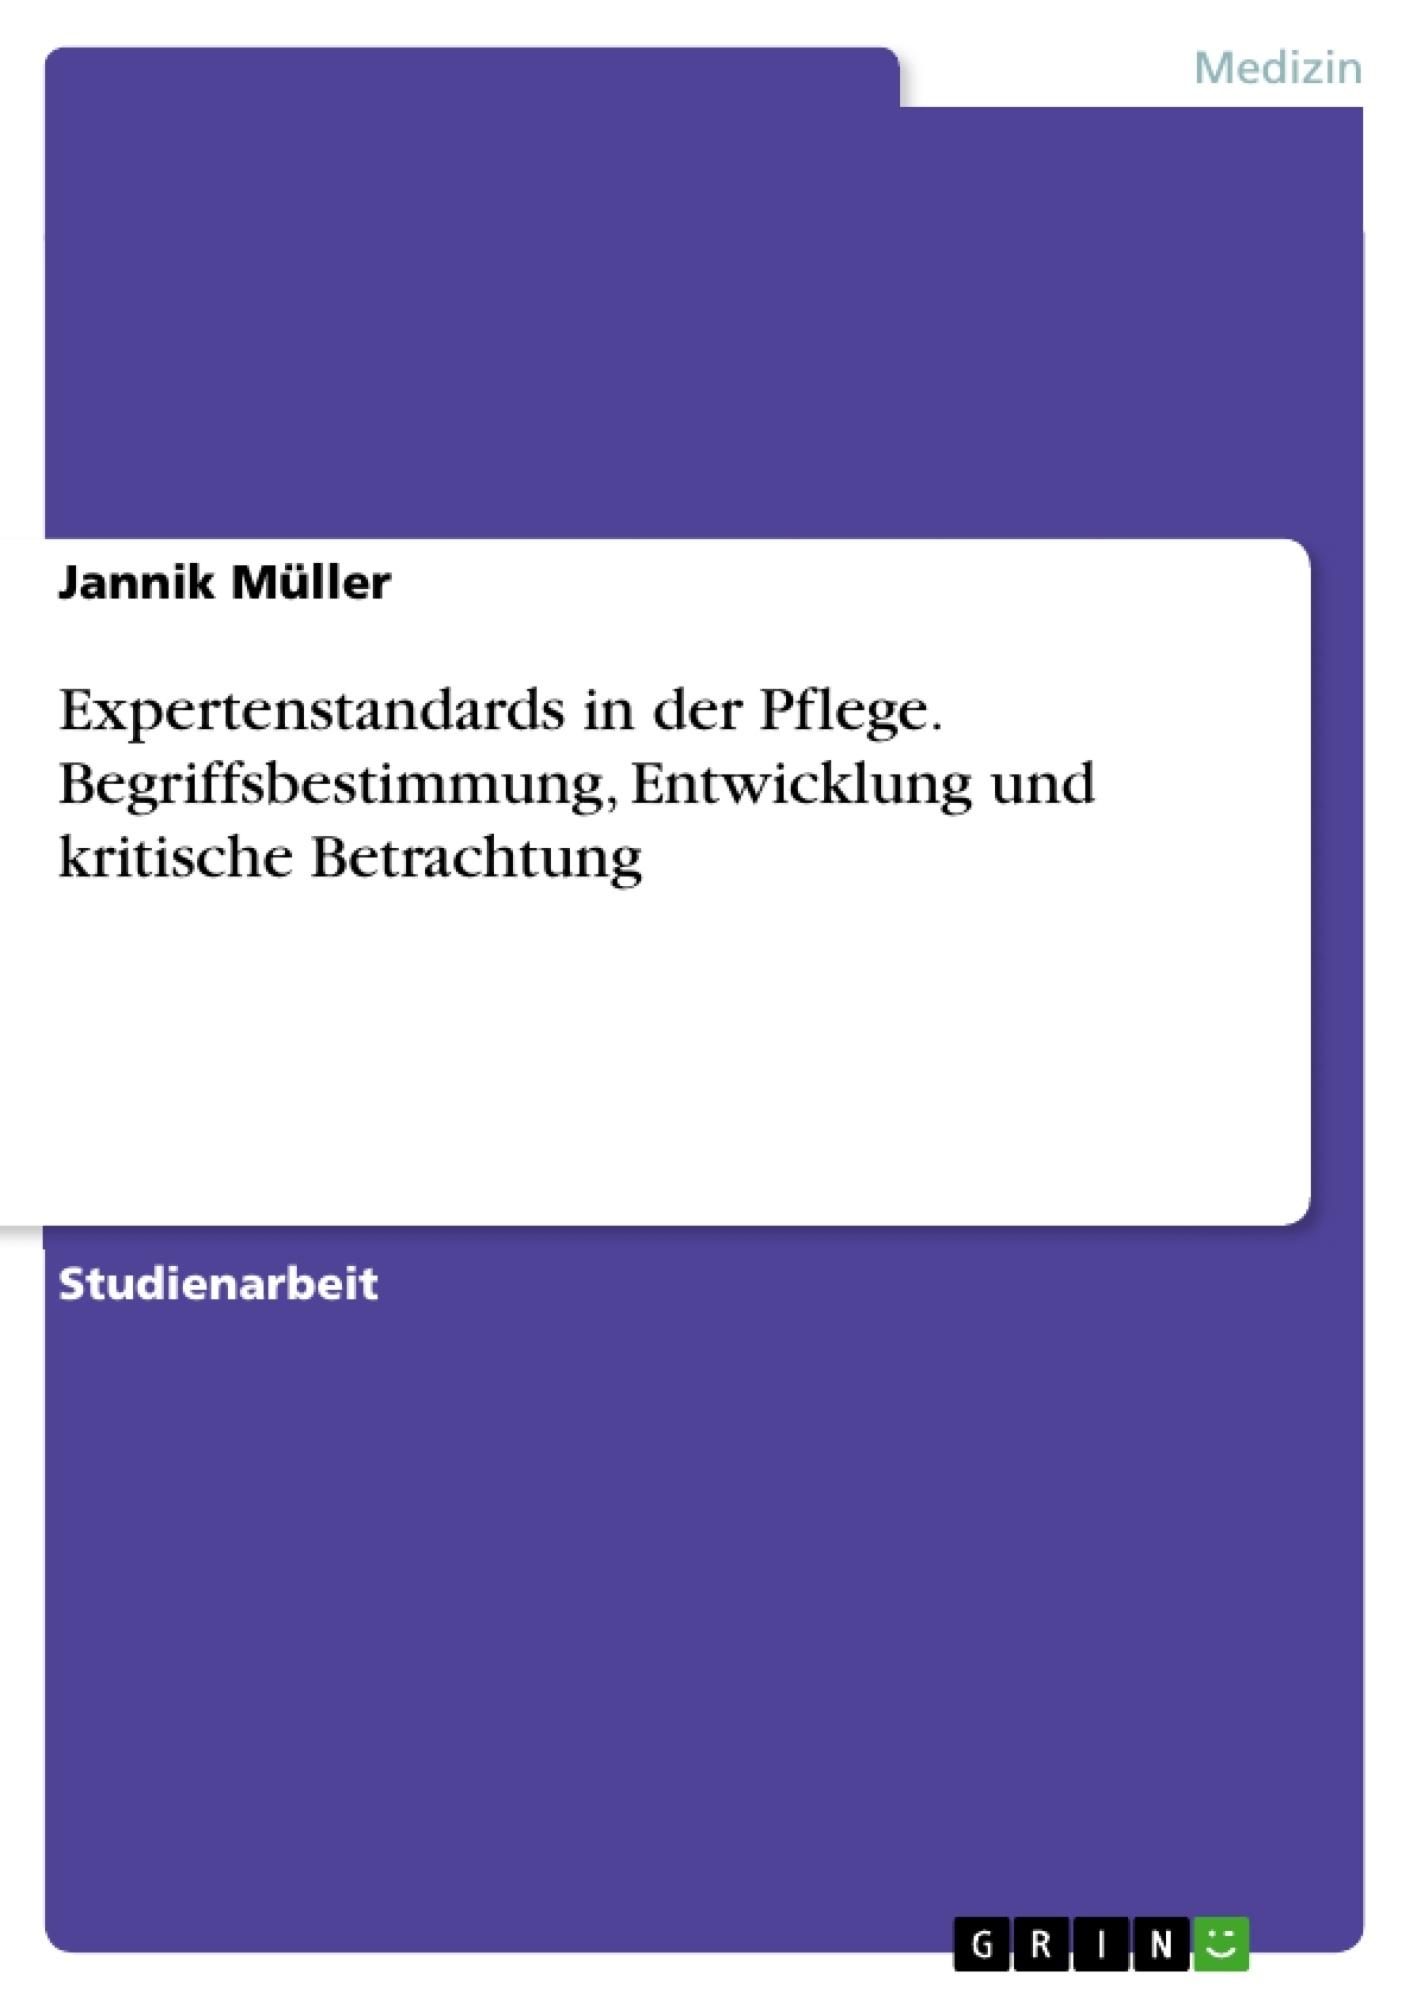 Titel: Expertenstandards in der Pflege. Begriffsbestimmung, Entwicklung und kritische Betrachtung